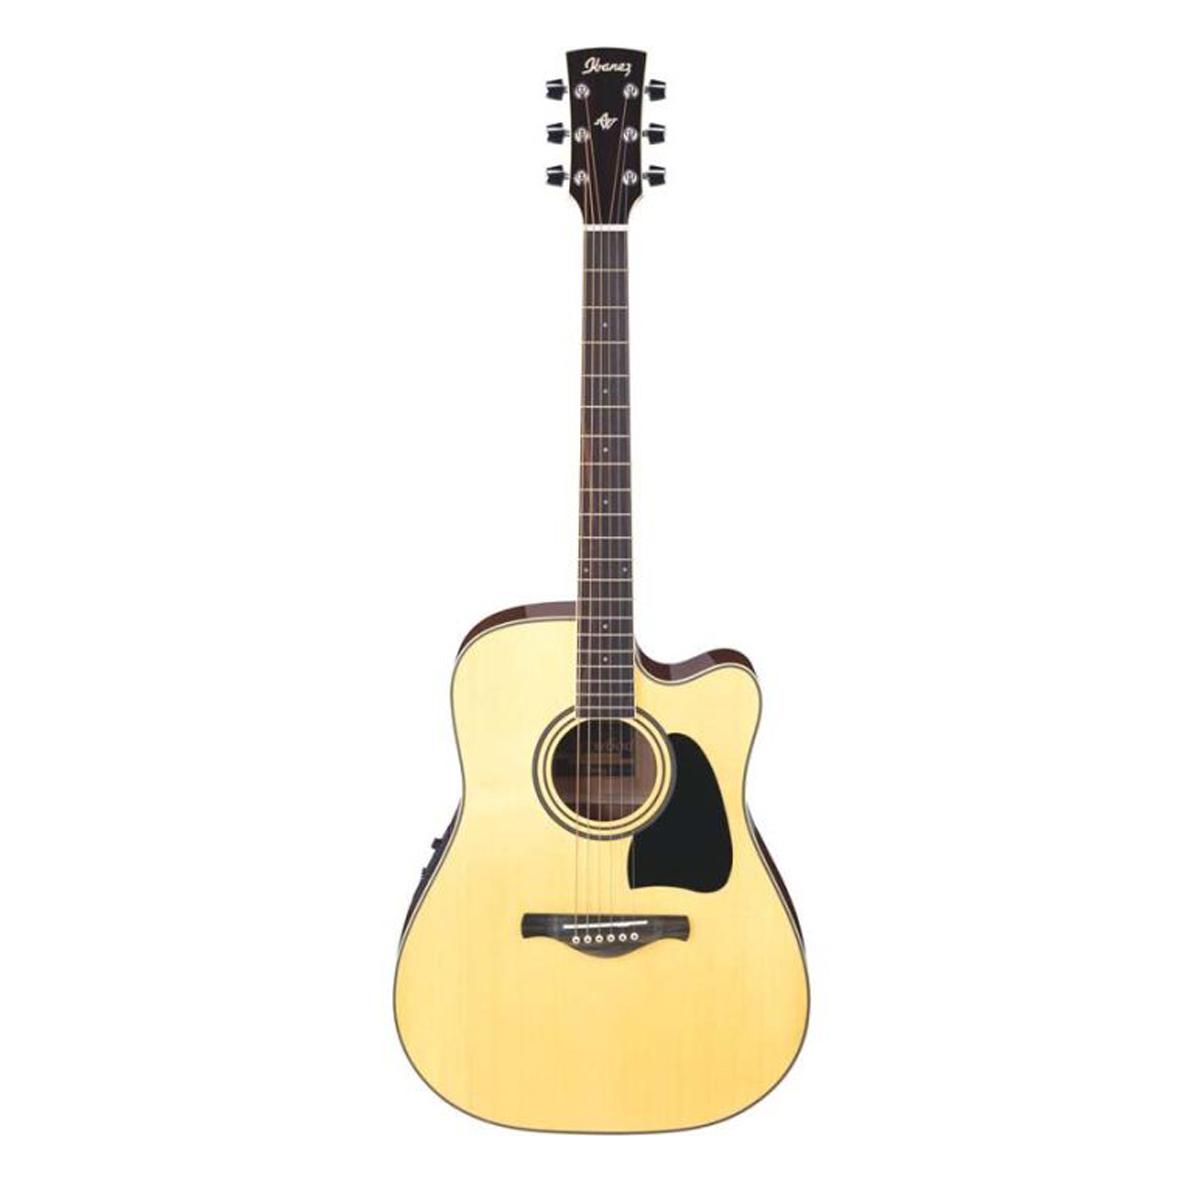 Ibanez - AW70ECE-NT Guitare électro-acoustique